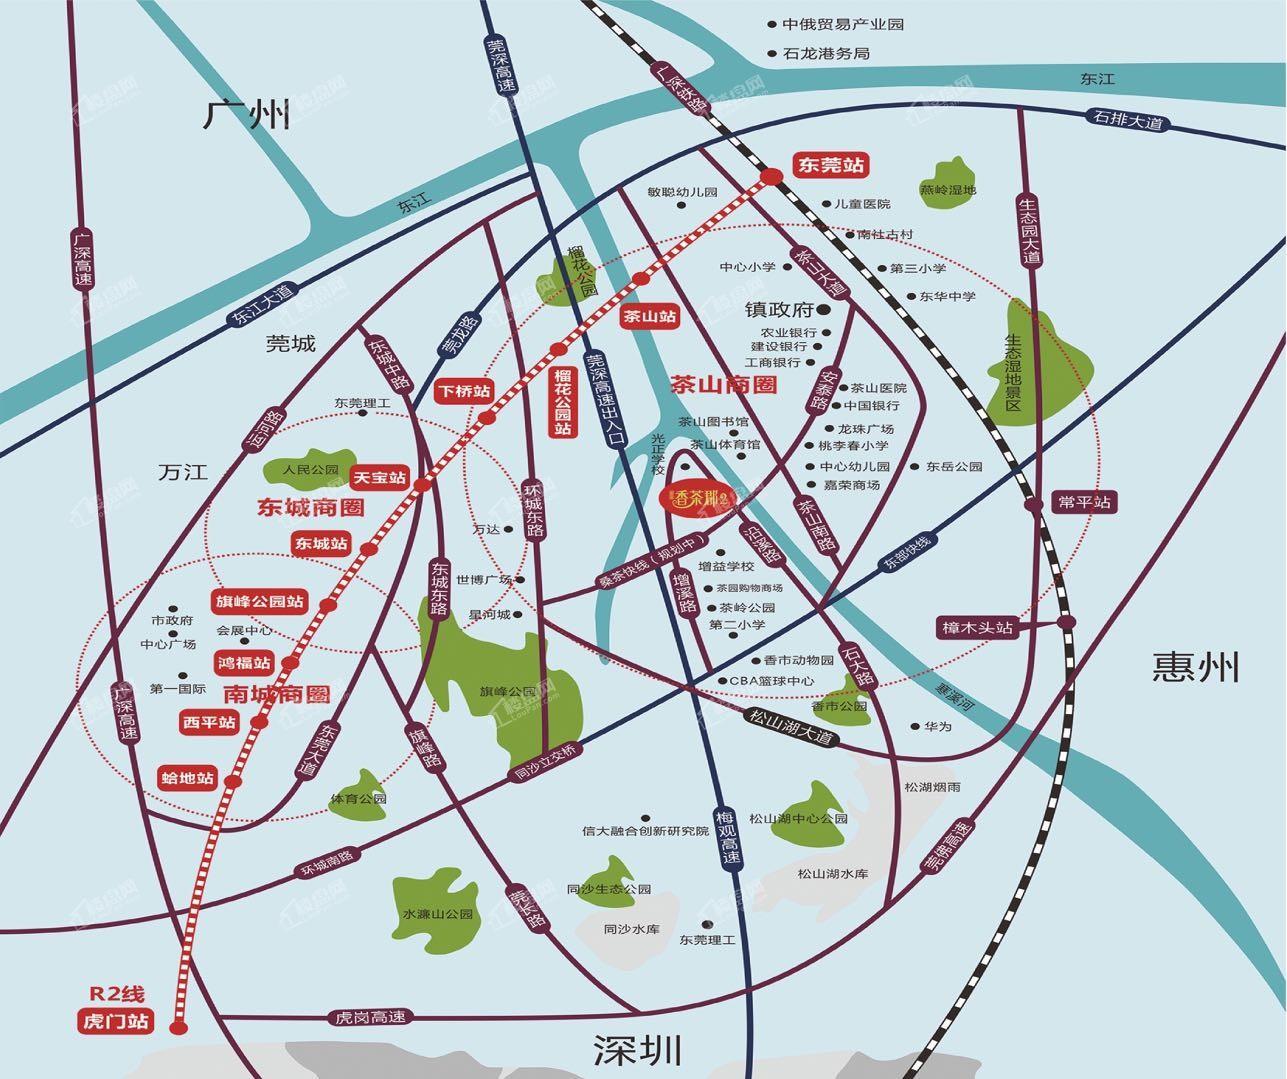 富盈香茶郡二期位置图